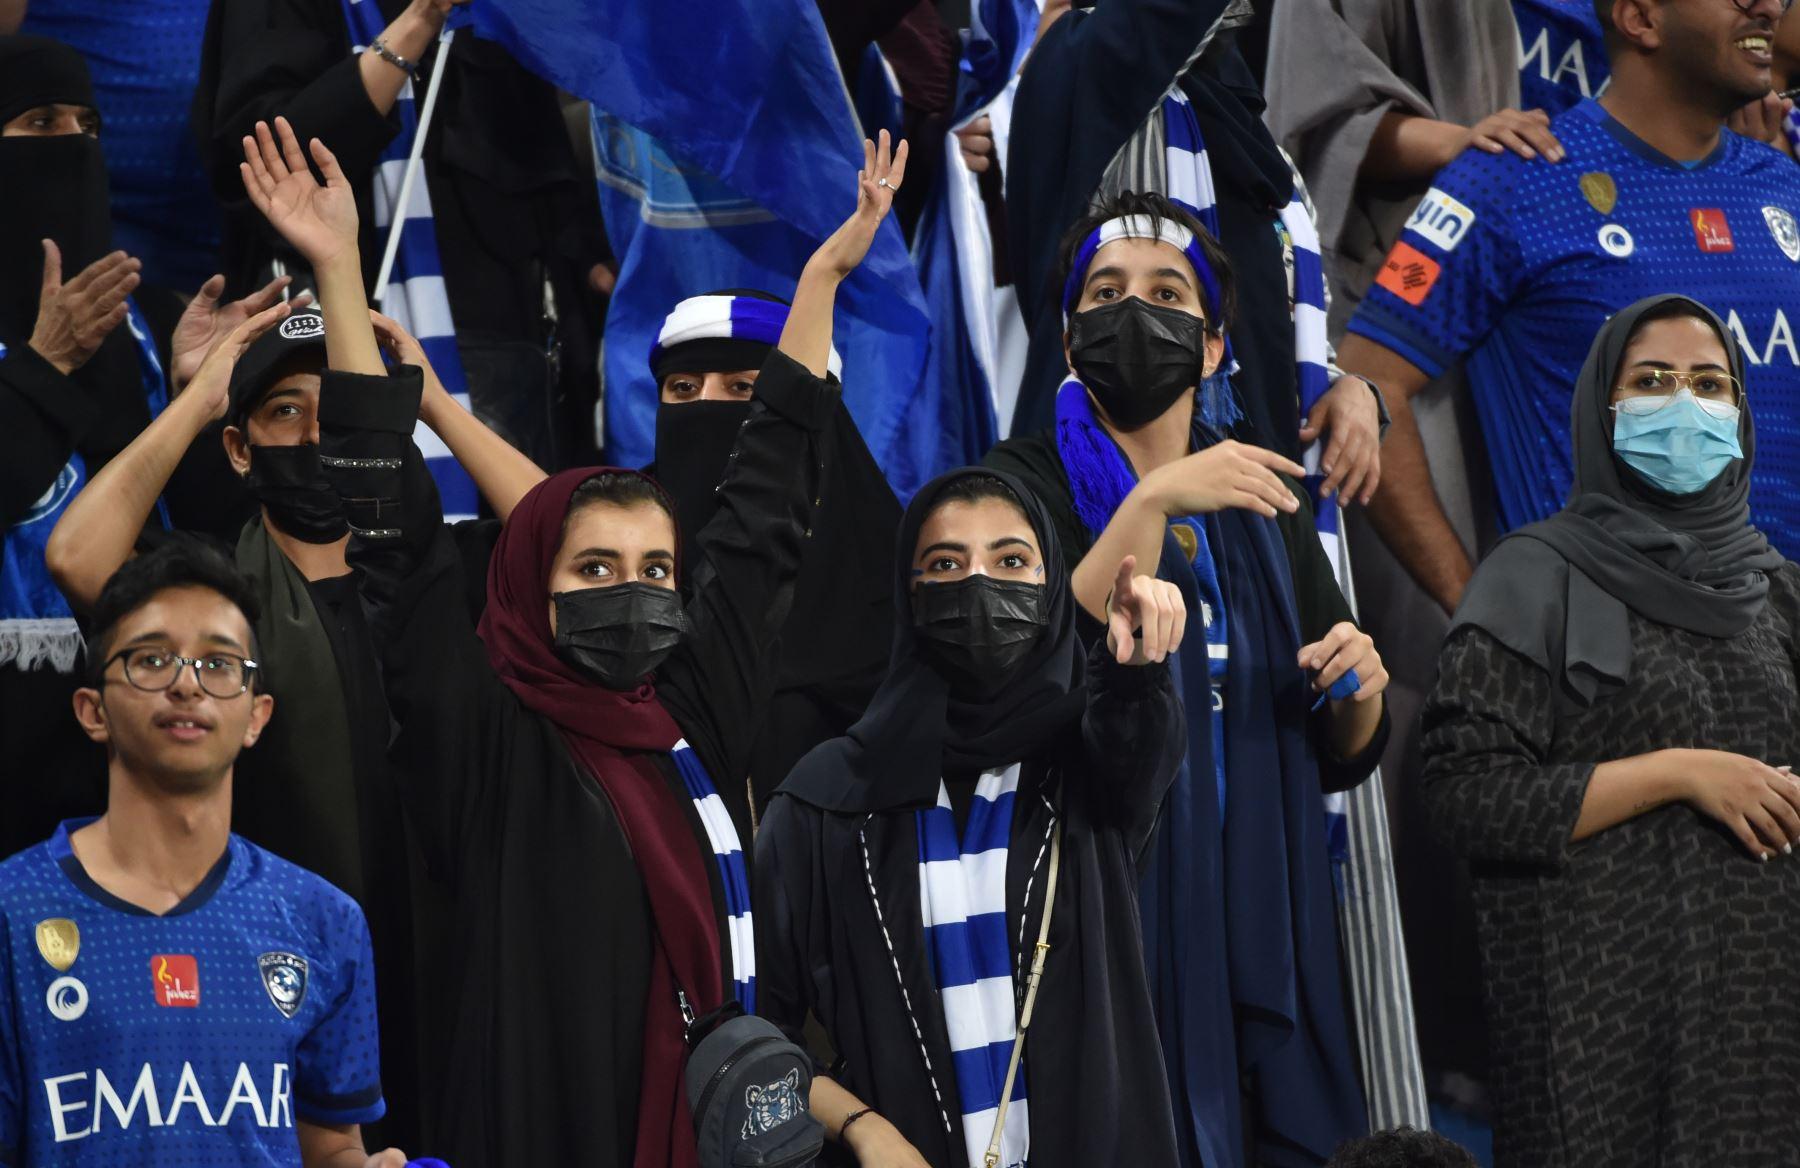 Los partidarios de Hilal celebran su victoria durante el partido de ida de la final de la Liga de Campeones de la AFC entre Al-Hilal de Arabia Saudita y los Diamantes Rojos de Urawa de Japón. Foto:AFP